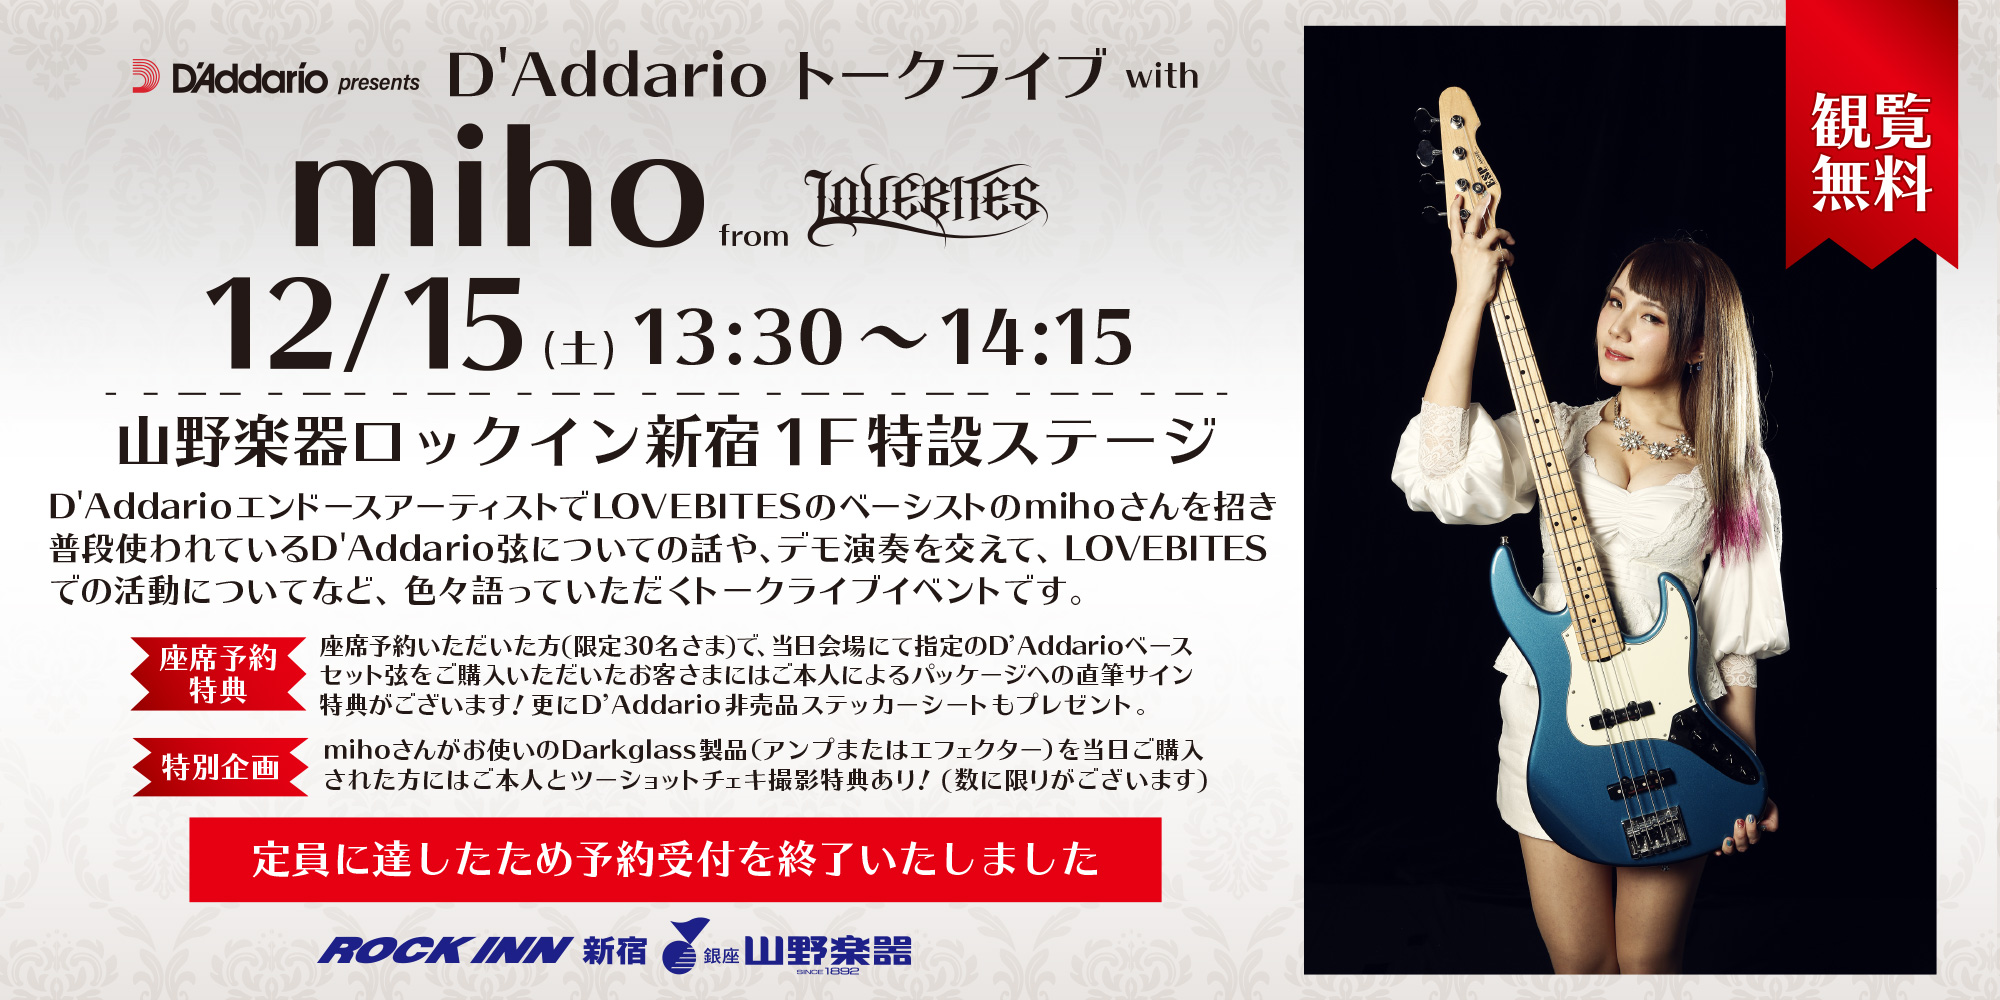 イベント情報『D'Addarioトークライブ with miho from LOVEBITES』【 12月15日 】@山野楽器ロックイン新宿店 開催のお知らせ